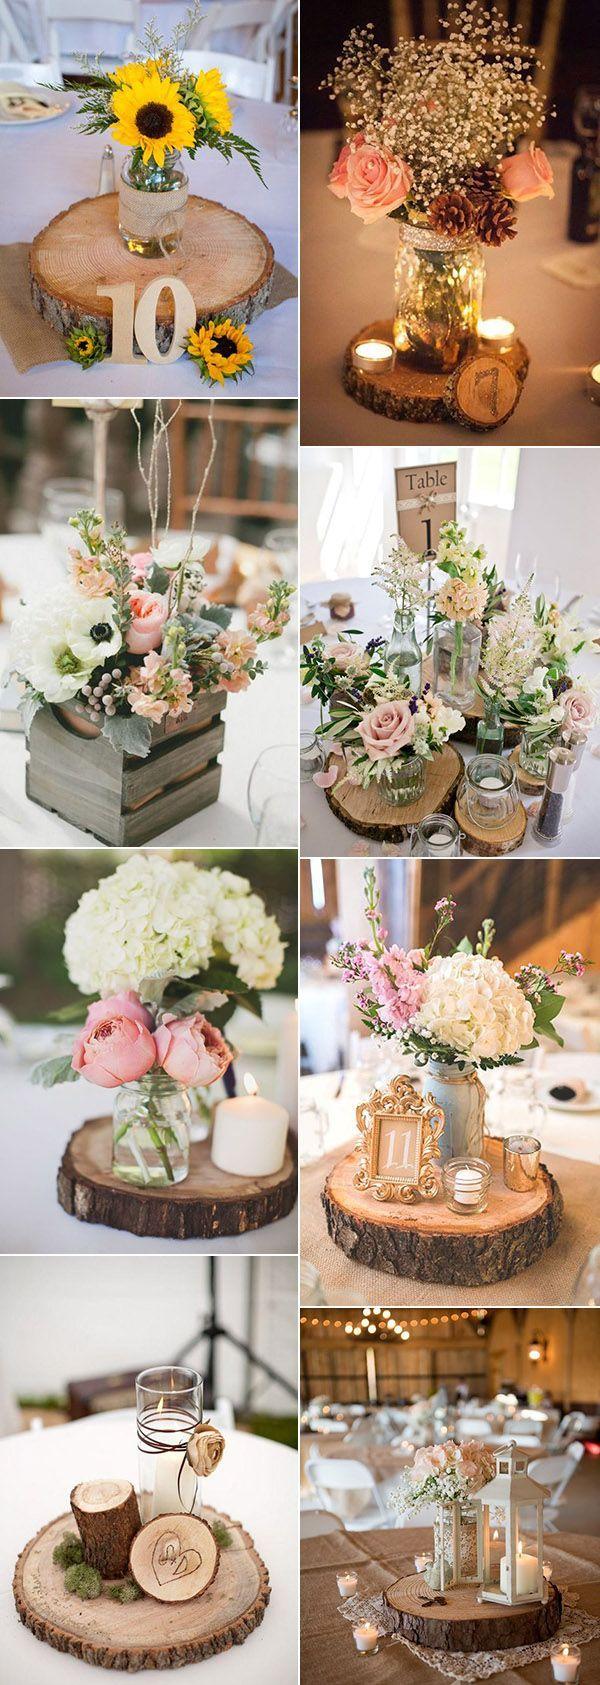 Wedding vase decorations november 2018  best Wedding images on Pinterest  Weddings Wedding ideas and